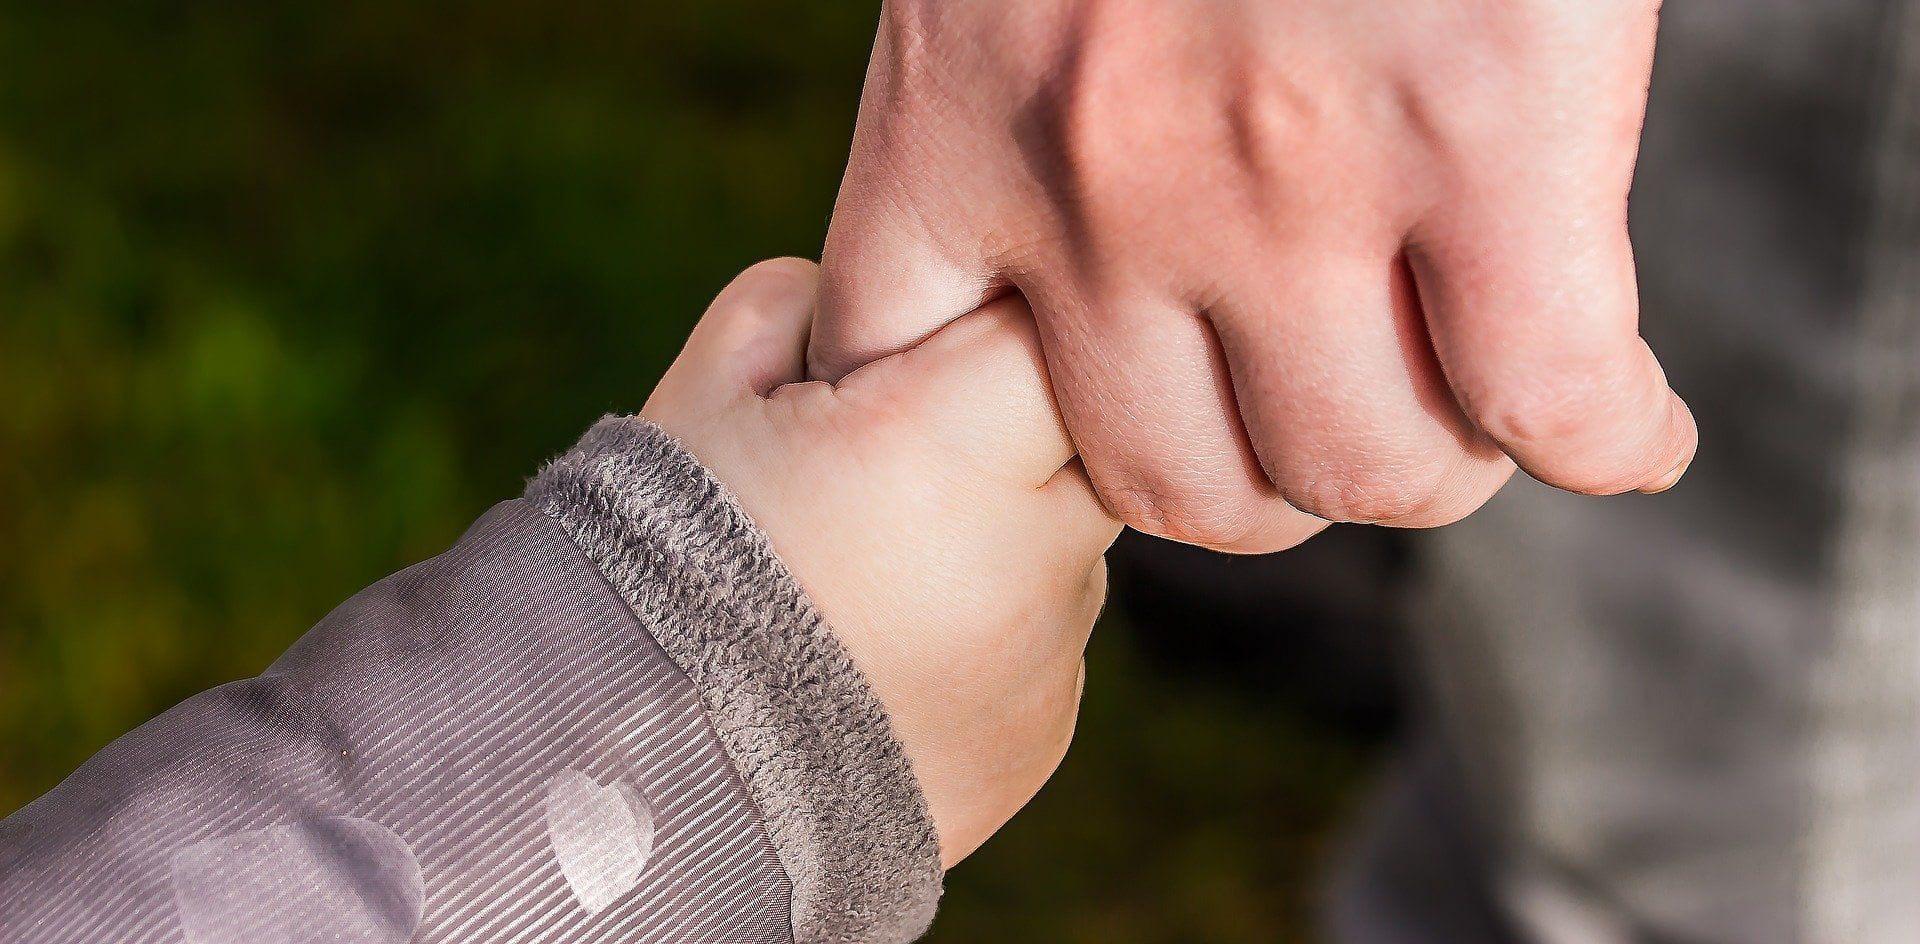 Kind und Erwachsener halten Hände